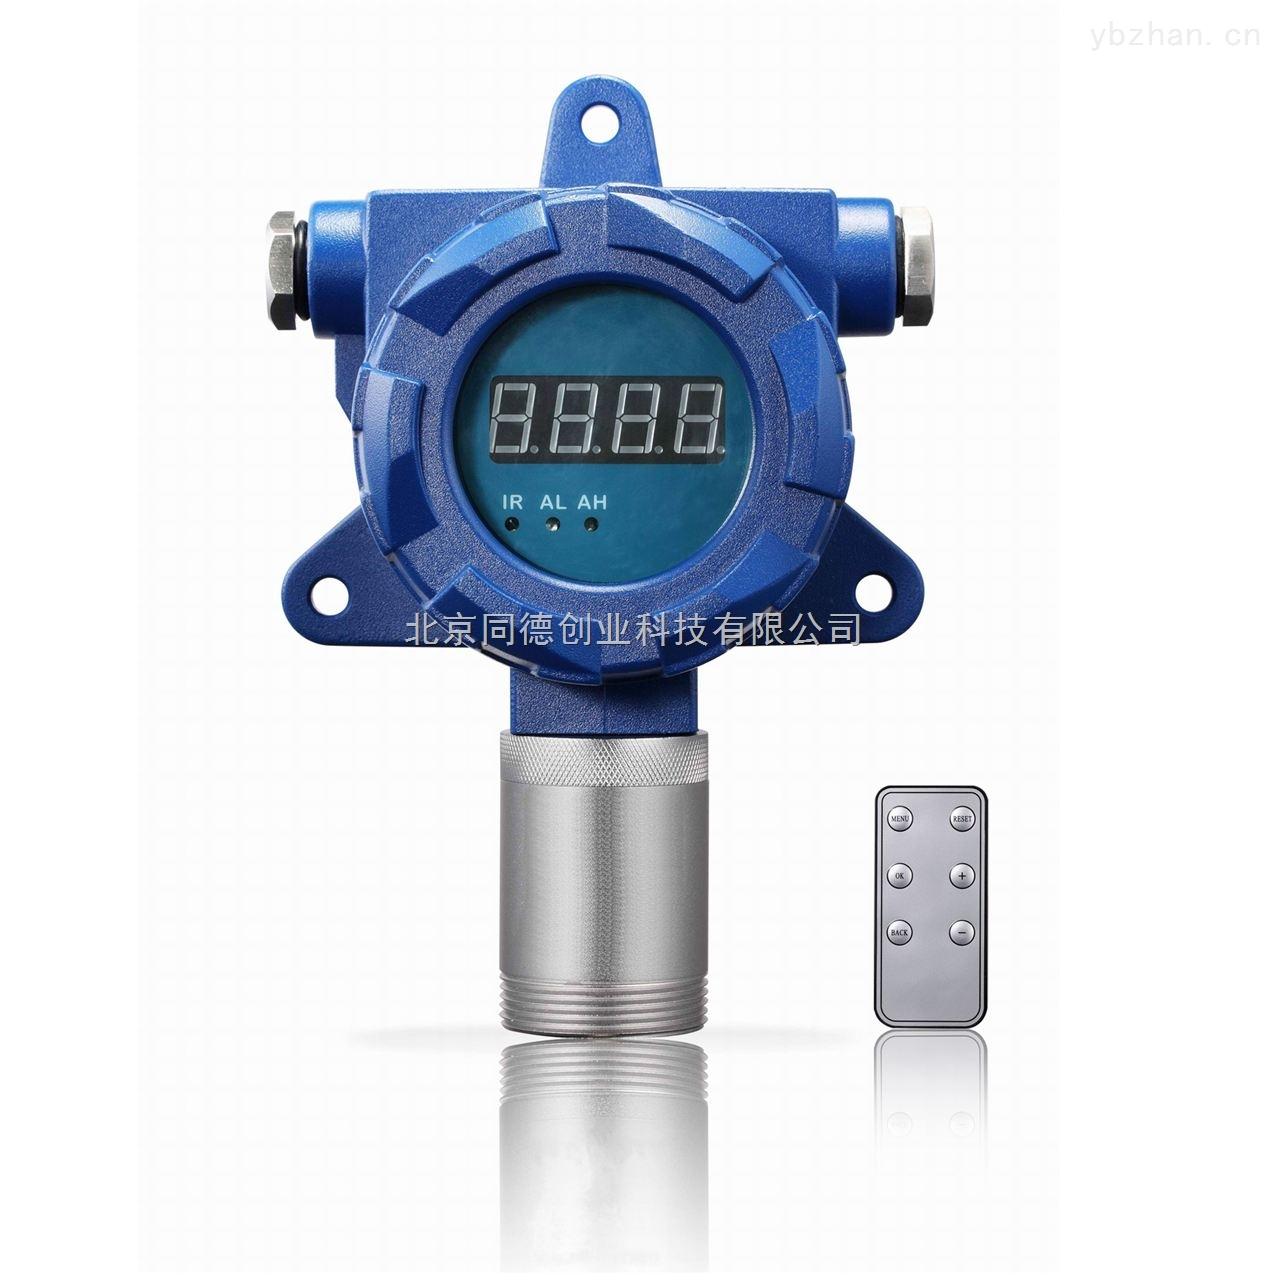 固定式硫化氫檢測儀QT95H-H2S/在線硫化氫氣體檢測儀